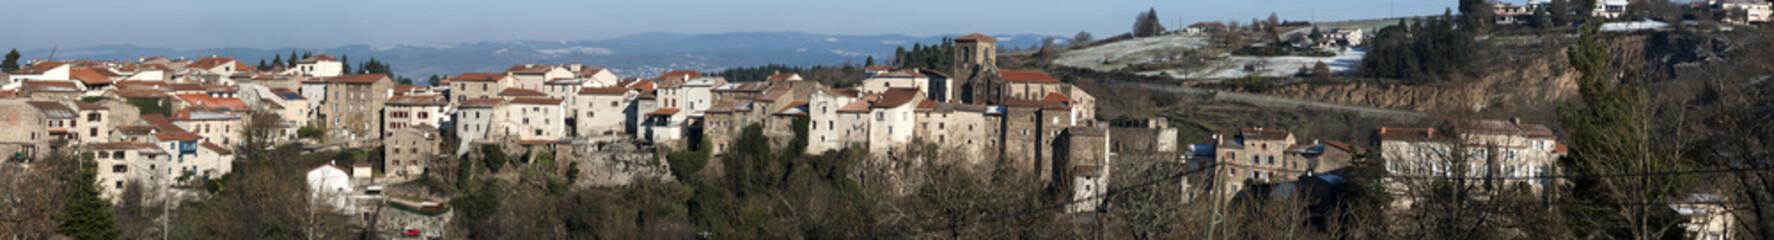 village d' Auvergne